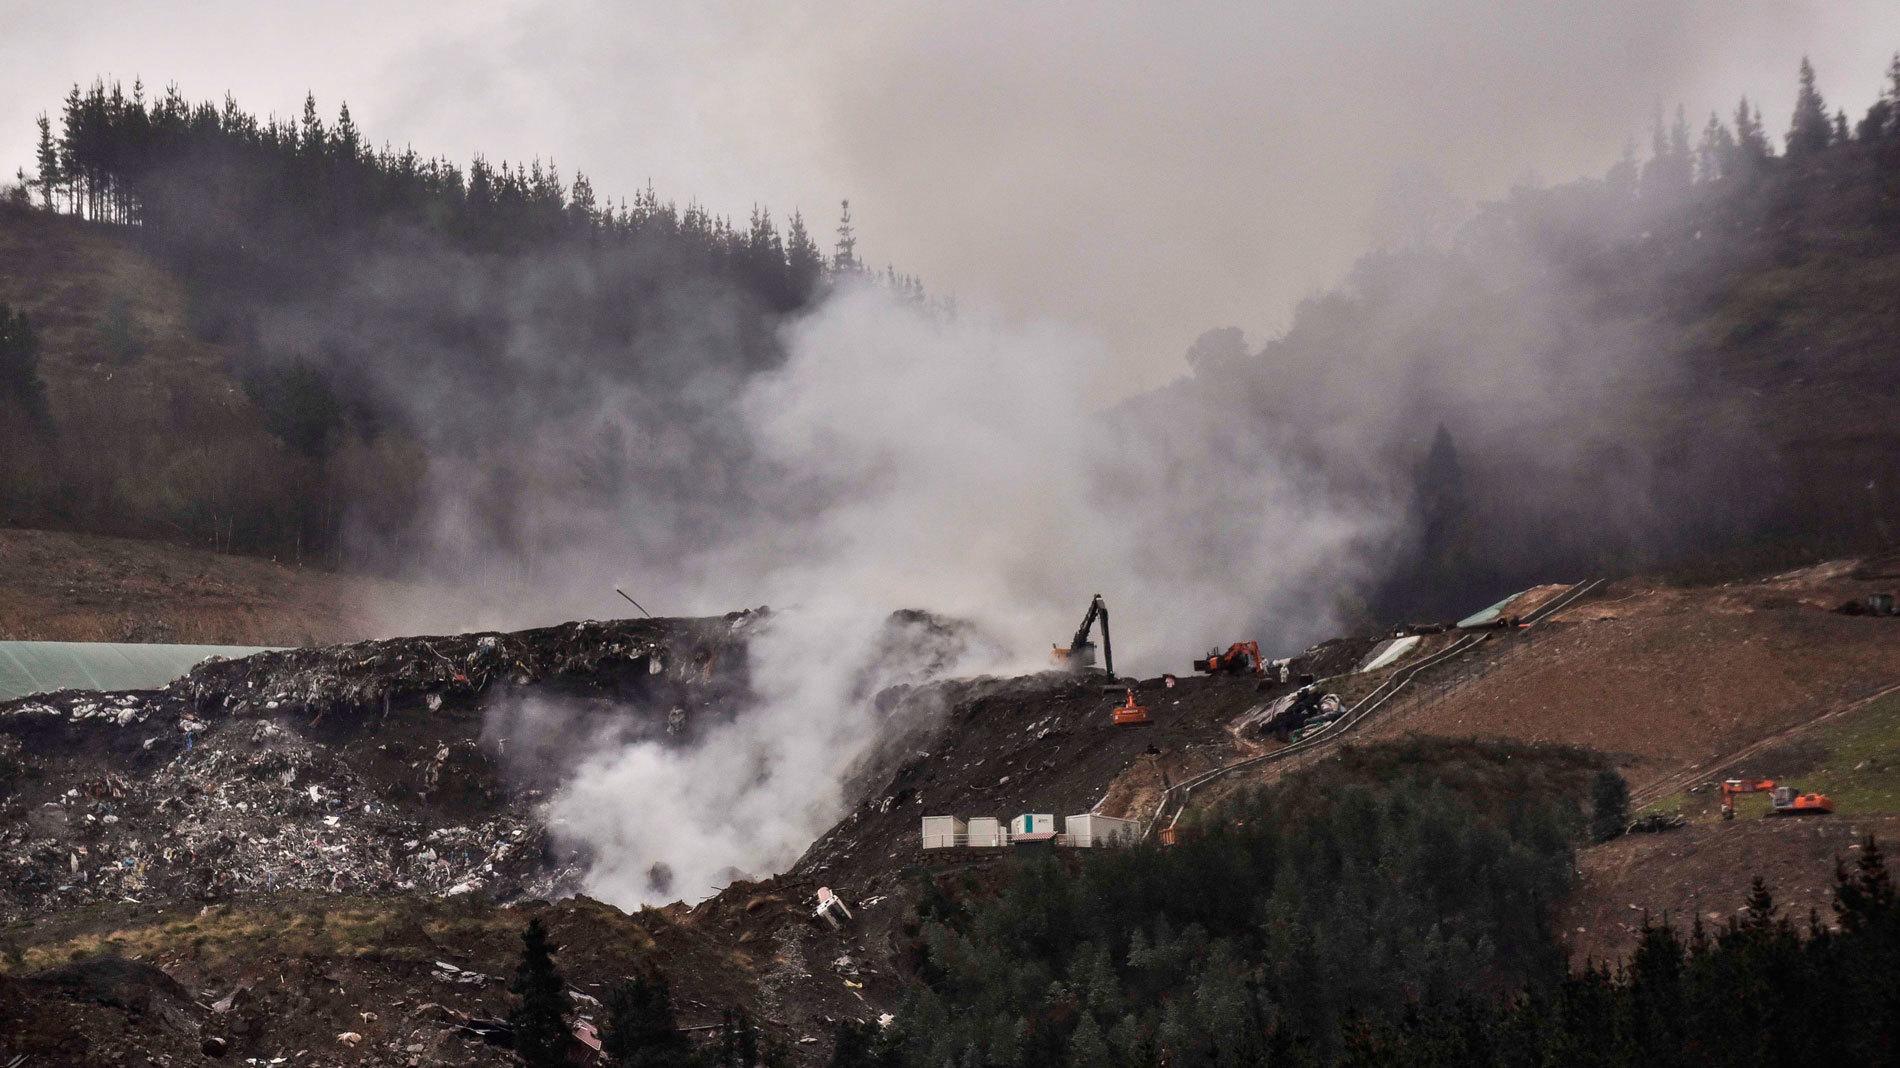 Los equipos de extinción logran apagar los frentes del incendio en el vertedero de Zaldibar